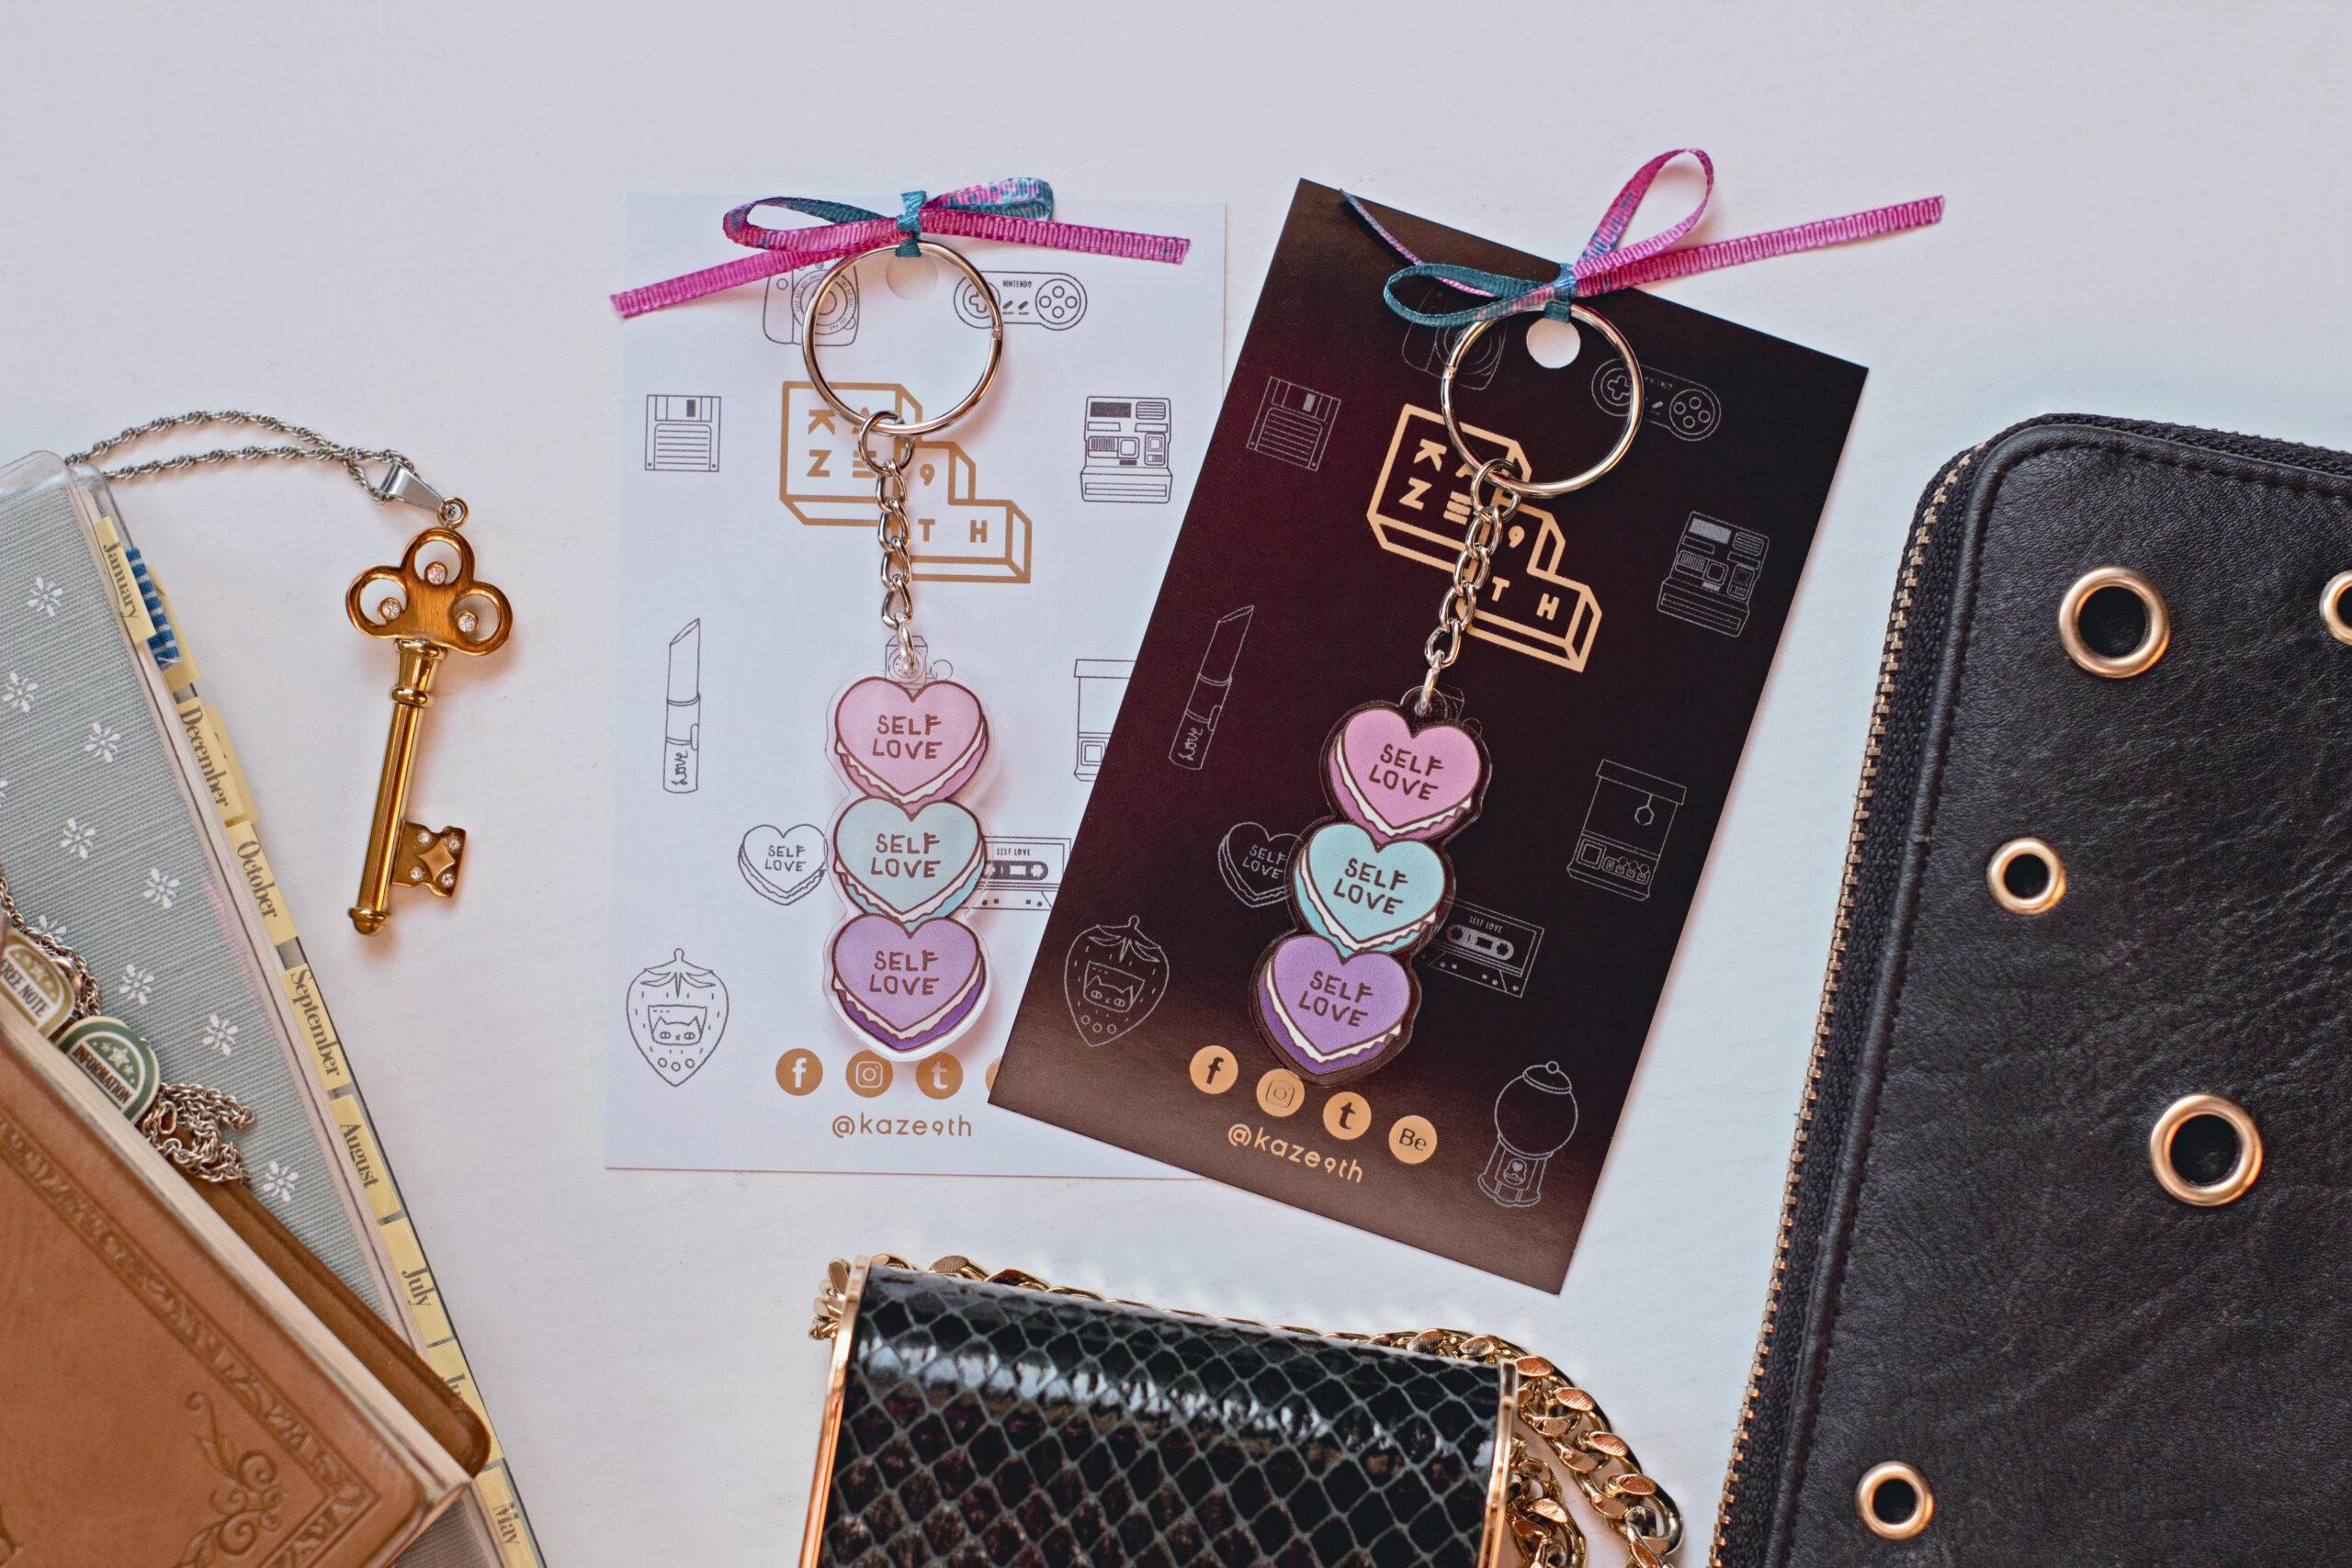 flat lay productos perfume y billetera enmarcan a dos llaveros macaroon self love plano zenital